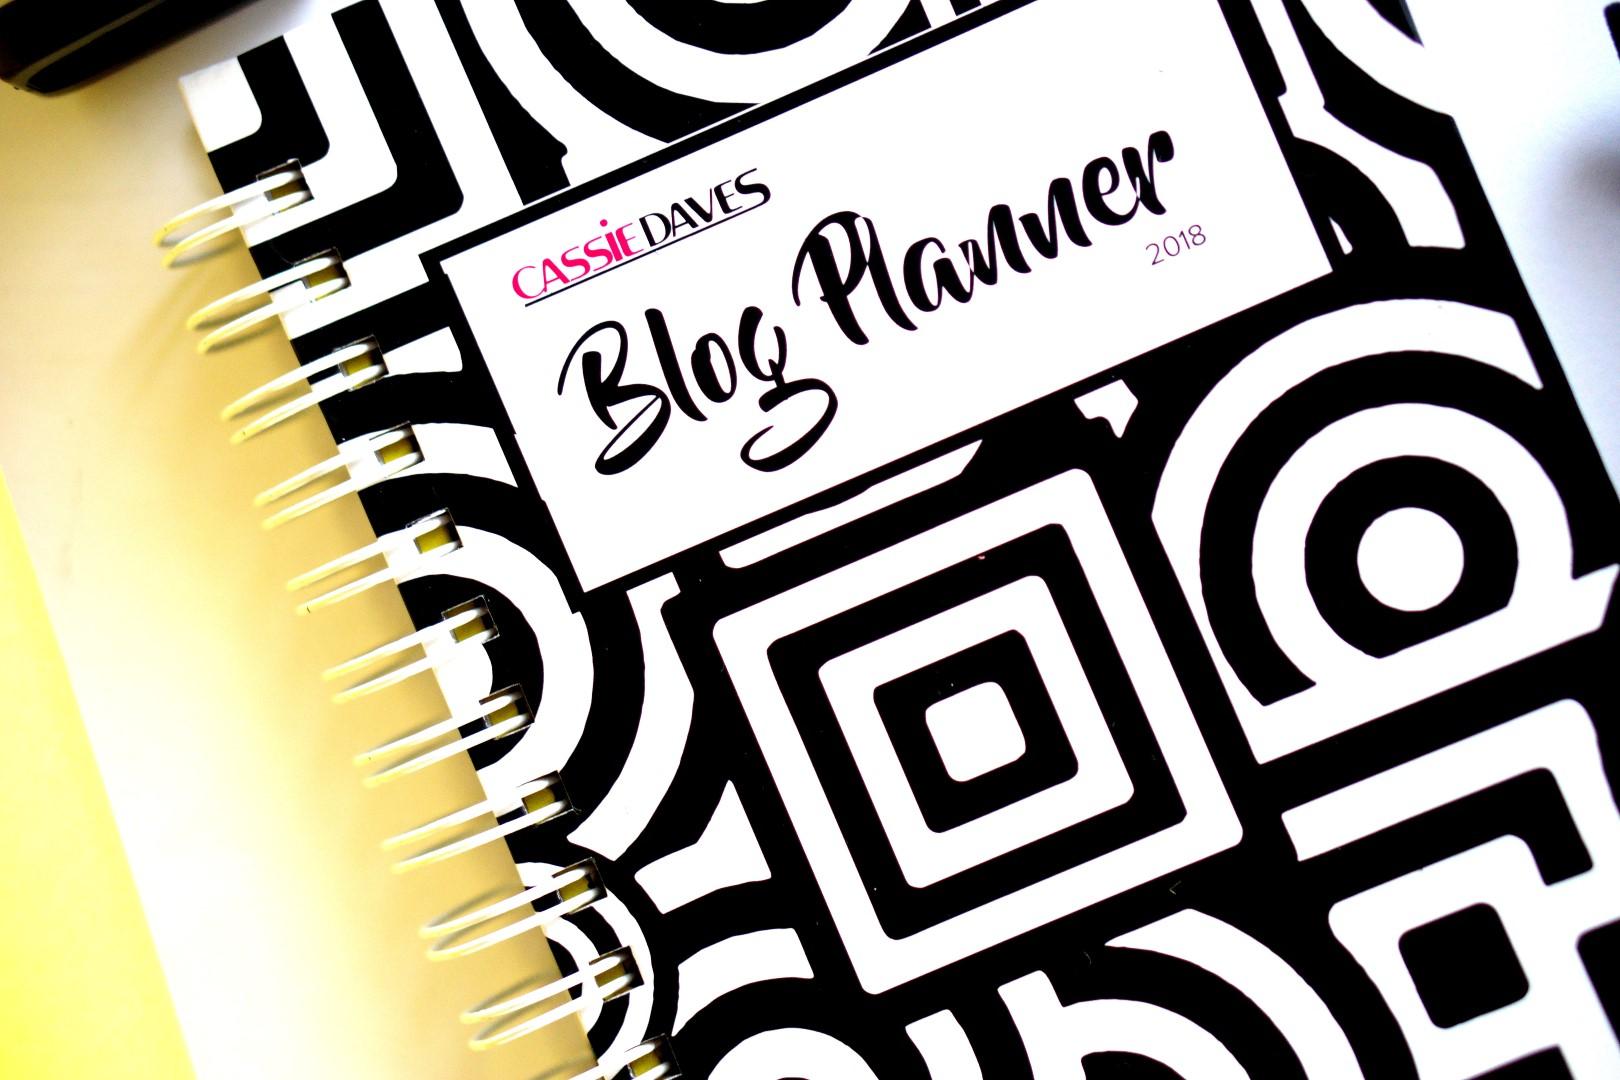 2018 cassie daves blog planner